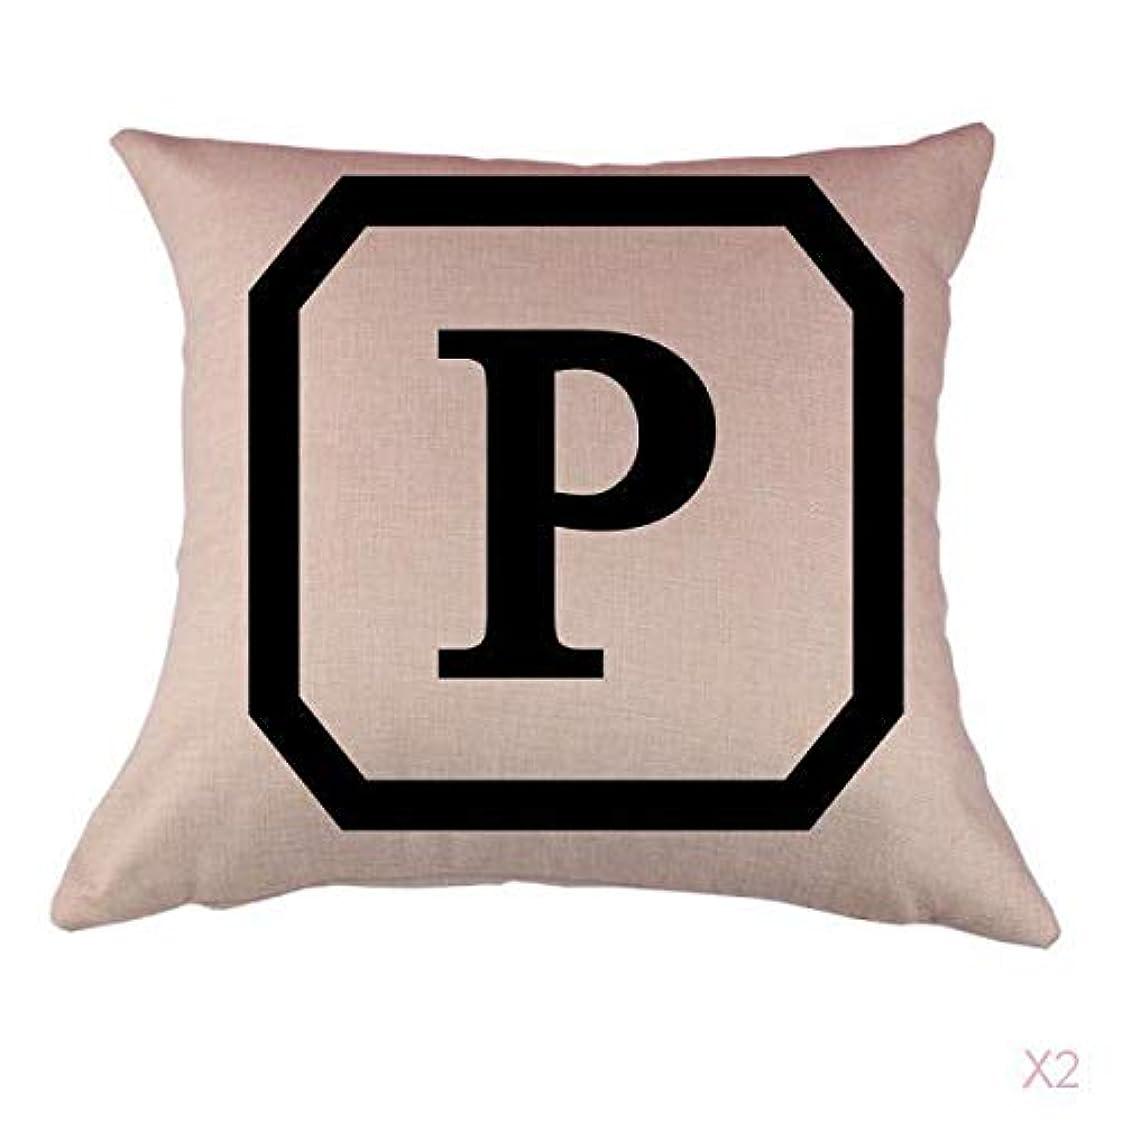 終了する欲求不満痛みコットンリネンスロー枕カバークッションカバー家の装飾頭文字P